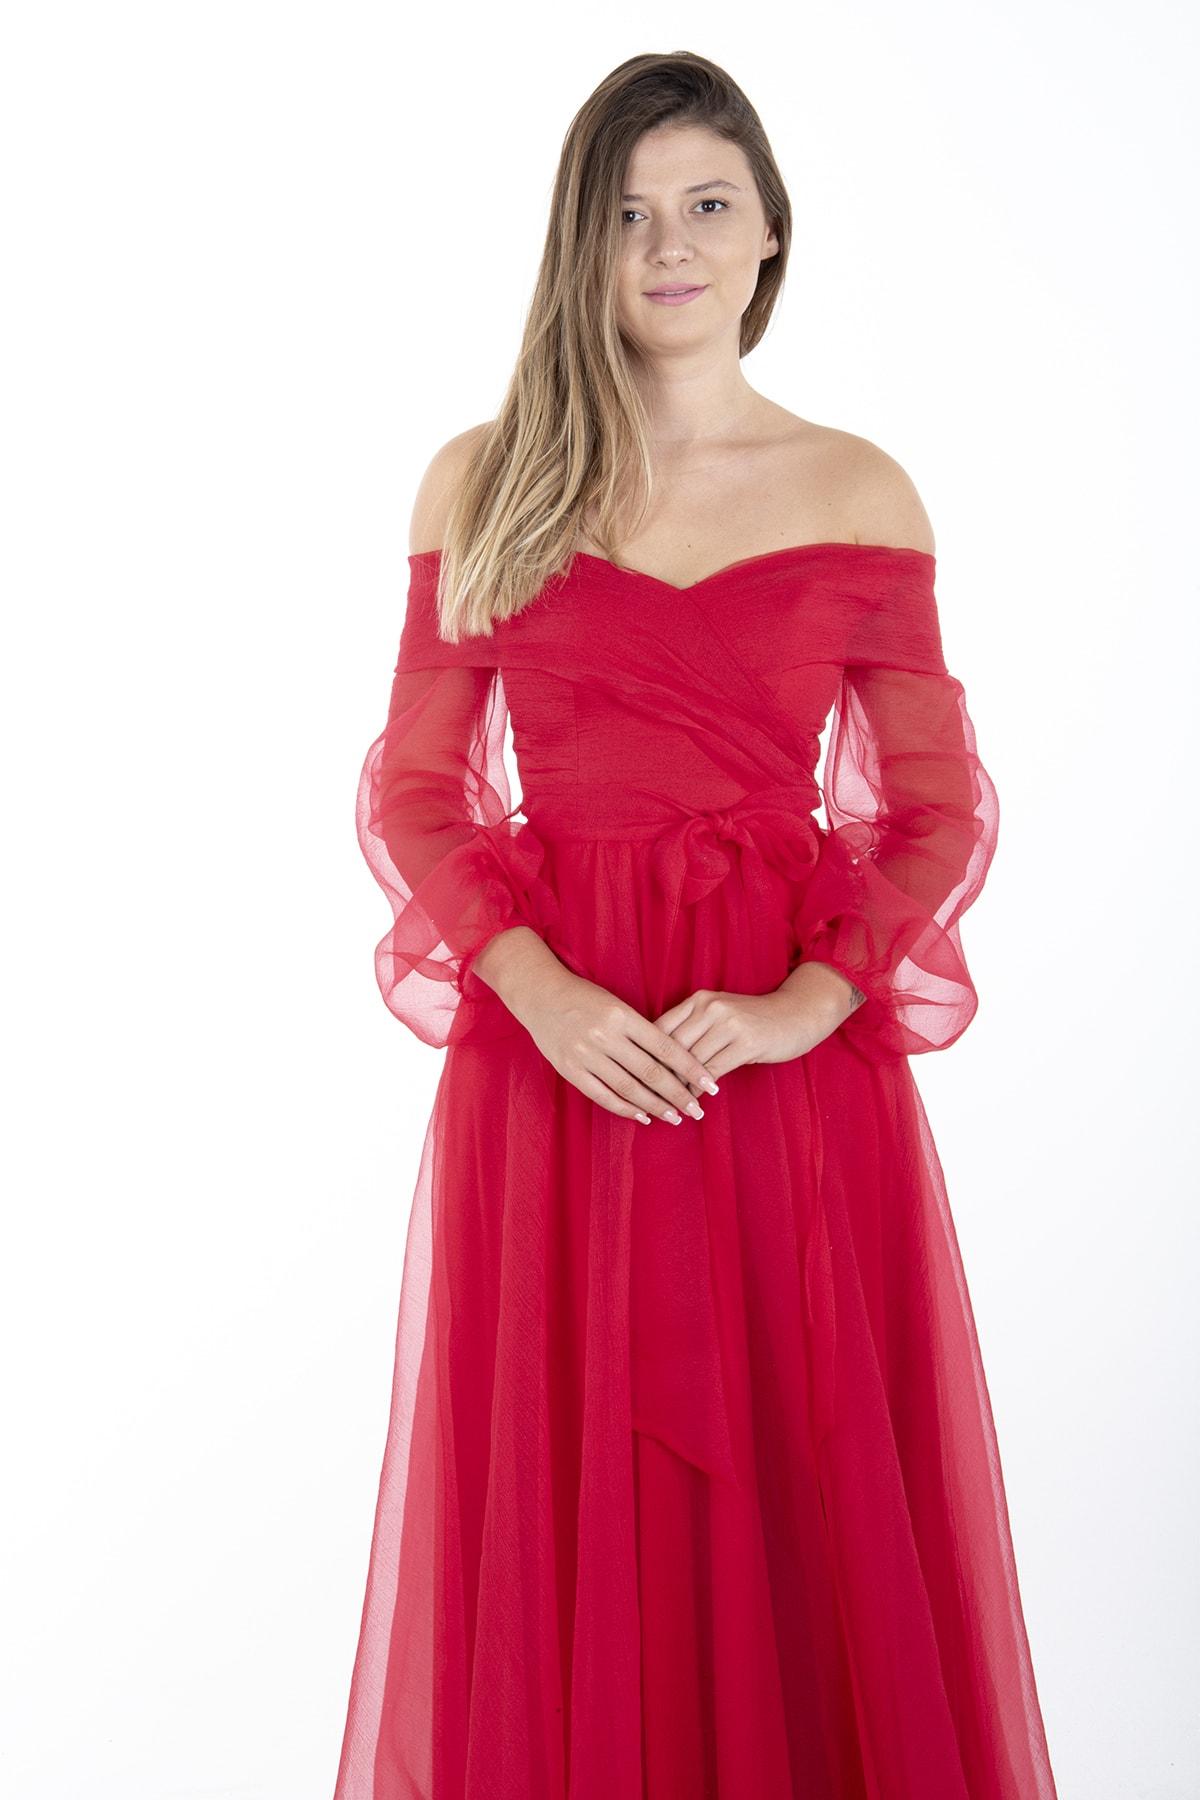 Ardanewline Kırmızı Kayık Yaka Yırtmaçlı Abiye & Meznuiyet Elbisesi 1301583 2